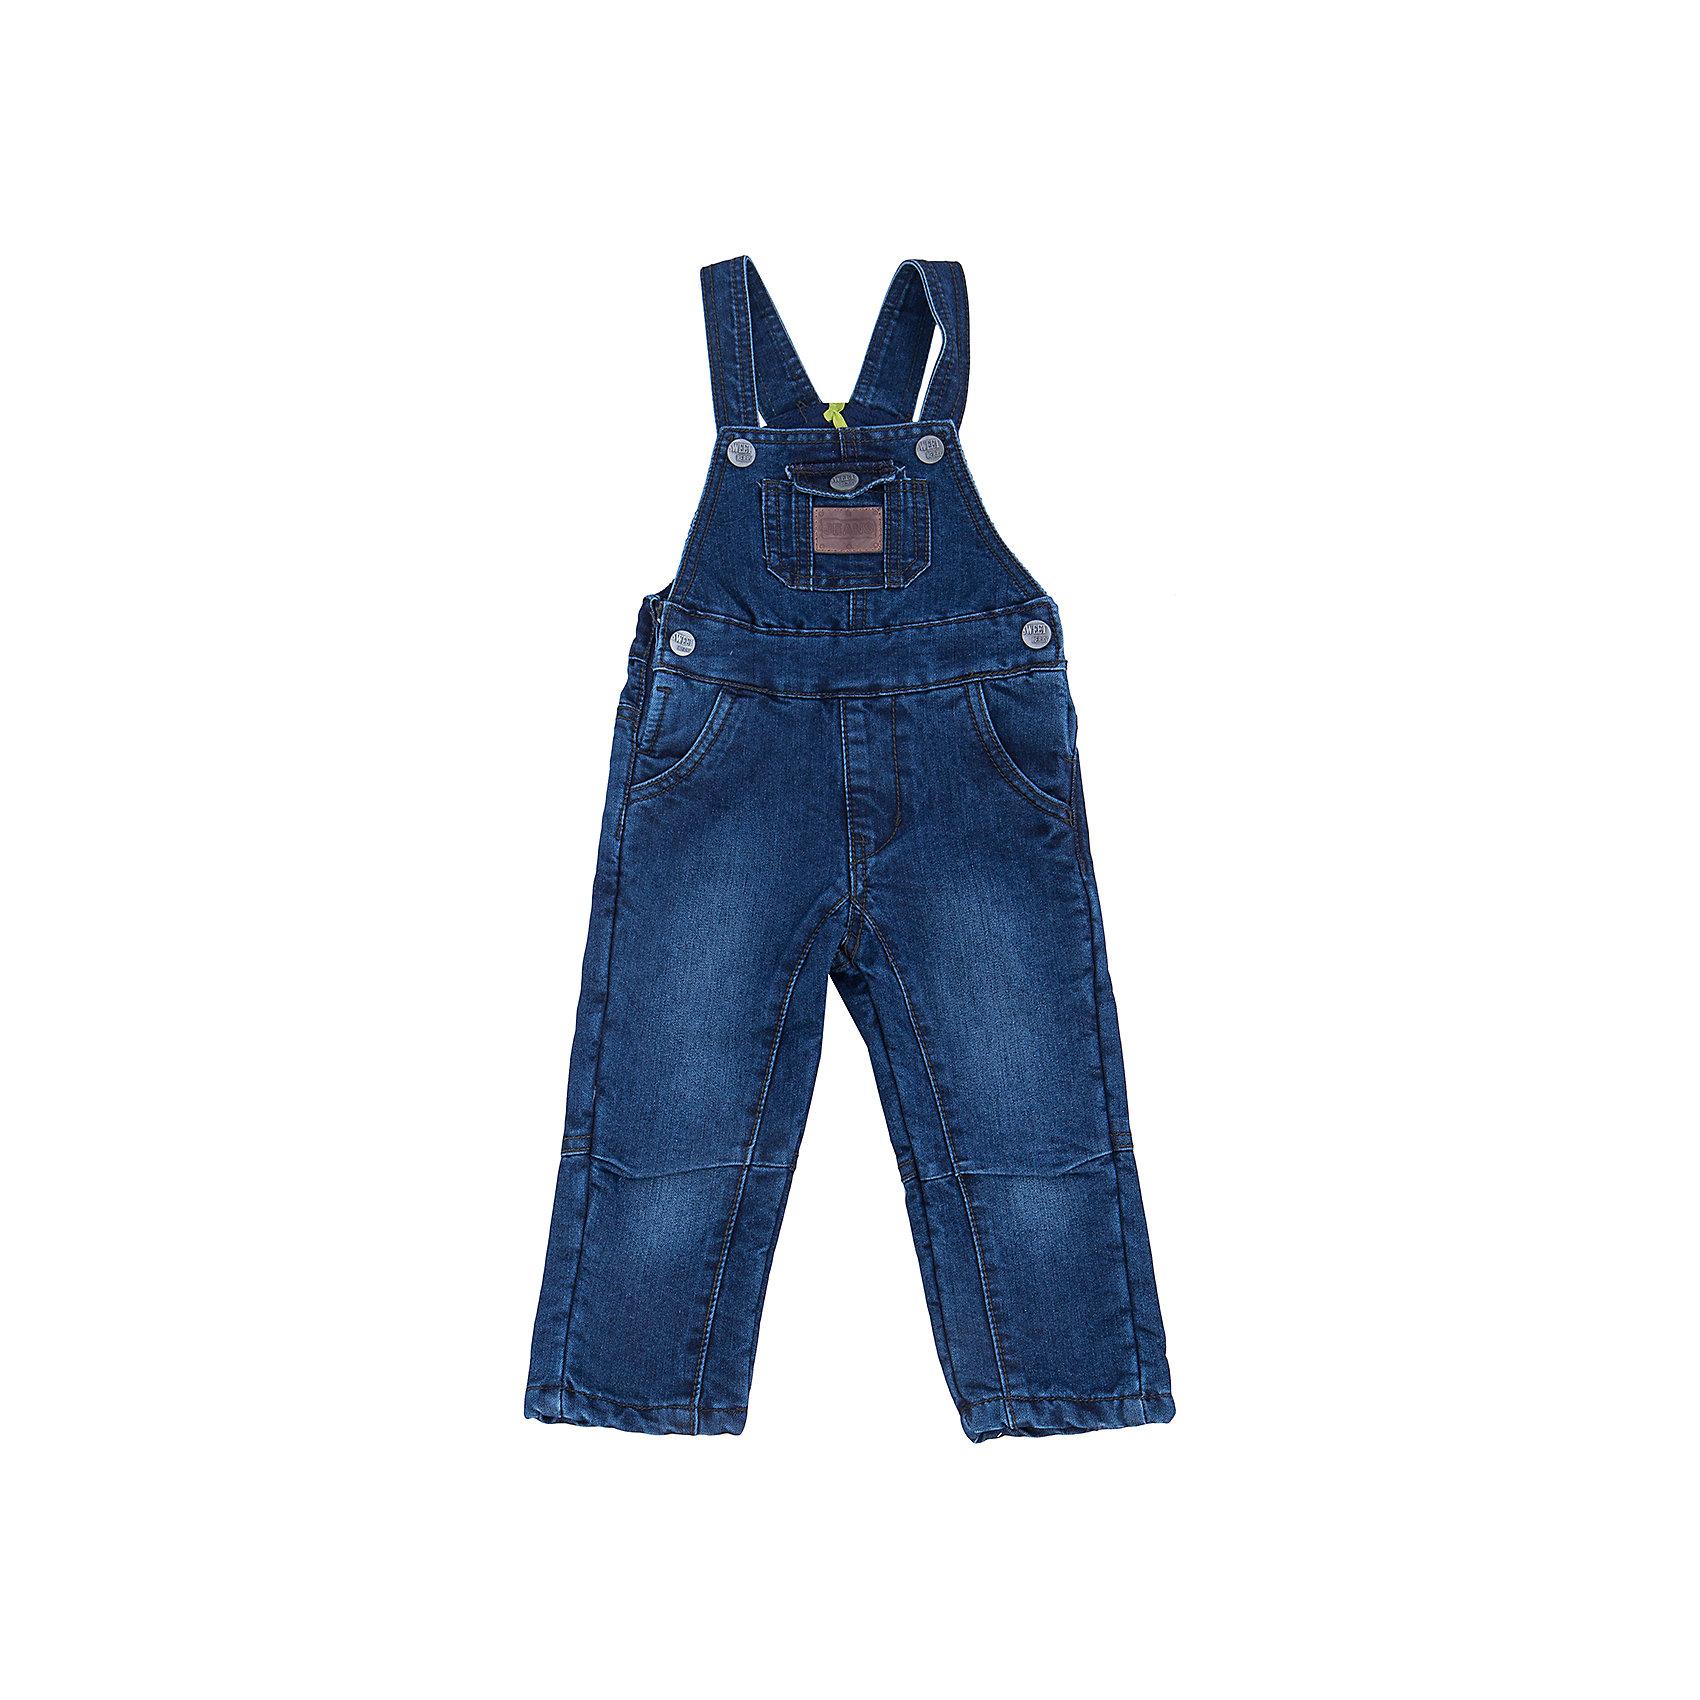 Комбинезон джинсовый для мальчика Sweet BerryКомбинезоны<br>Стильный джинсовый полукомбинезон для мальчика  торговой марки Sweet Berry идеально подойдет Вашему малышу и станет отличным дополнением к детскому гардеробу. Изготовленный из 100%  хлопка, он необычайно мягкий и приятный на ощупь, не сковывает движения и позволяет коже дышать, не раздражает ее. Полукомбинезон с высокой грудкой имеет широкие регулируемые бретели. По бокам полукомбенезон застегивается на металлические пуговицы. Спереди предусмотрены два втачных кармана, а сзади - два накладных . На груди расположен накладной кармашек, дополненный небольшой кожаной вставкой. В таком полукомбинезоне ваш маленький мужчина будет чувствовать себя комфортно, уютно и всегда будет в центре внимания!<br>Инструкция по уходу: бережная стирка в прохладной воде при температуре 30°С, гладить при низкой температуре, не отбеливать, химчистка запрещена, не разрешено отжимать в центрифуге.<br><br> Дополнительная информация:<br><br>- комплектация: полукомбинезон<br>- цвет: синий<br>- состав: хлопок 100%<br>- тип карманов: прорезные<br>- параметры брючин: ширина брючин - низ: 13 см; длина по внутреннему шву: 35 см<br>- длина изделия: по спинке: 55 см<br>- крой брючин: прямой<br>- вид застежки: замок с ключом<br>- утеплитель: флис<br>- фактура материала: гладкий<br>- уход за вещами: бережная стирка при t не более 40с<br>- рисунок: без рисунка<br>- назначение: повседневная<br>- сезон: демисезон<br>- пол: мальчики<br><br>Полукомбинезон  для мальчика торговой марки  Sweet Berry можно купить в нашем интернет-магазине<br><br>Ширина мм: 215<br>Глубина мм: 88<br>Высота мм: 191<br>Вес г: 336<br>Цвет: синий<br>Возраст от месяцев: 12<br>Возраст до месяцев: 15<br>Пол: Мужской<br>Возраст: Детский<br>Размер: 98,86,92,80<br>SKU: 4929797